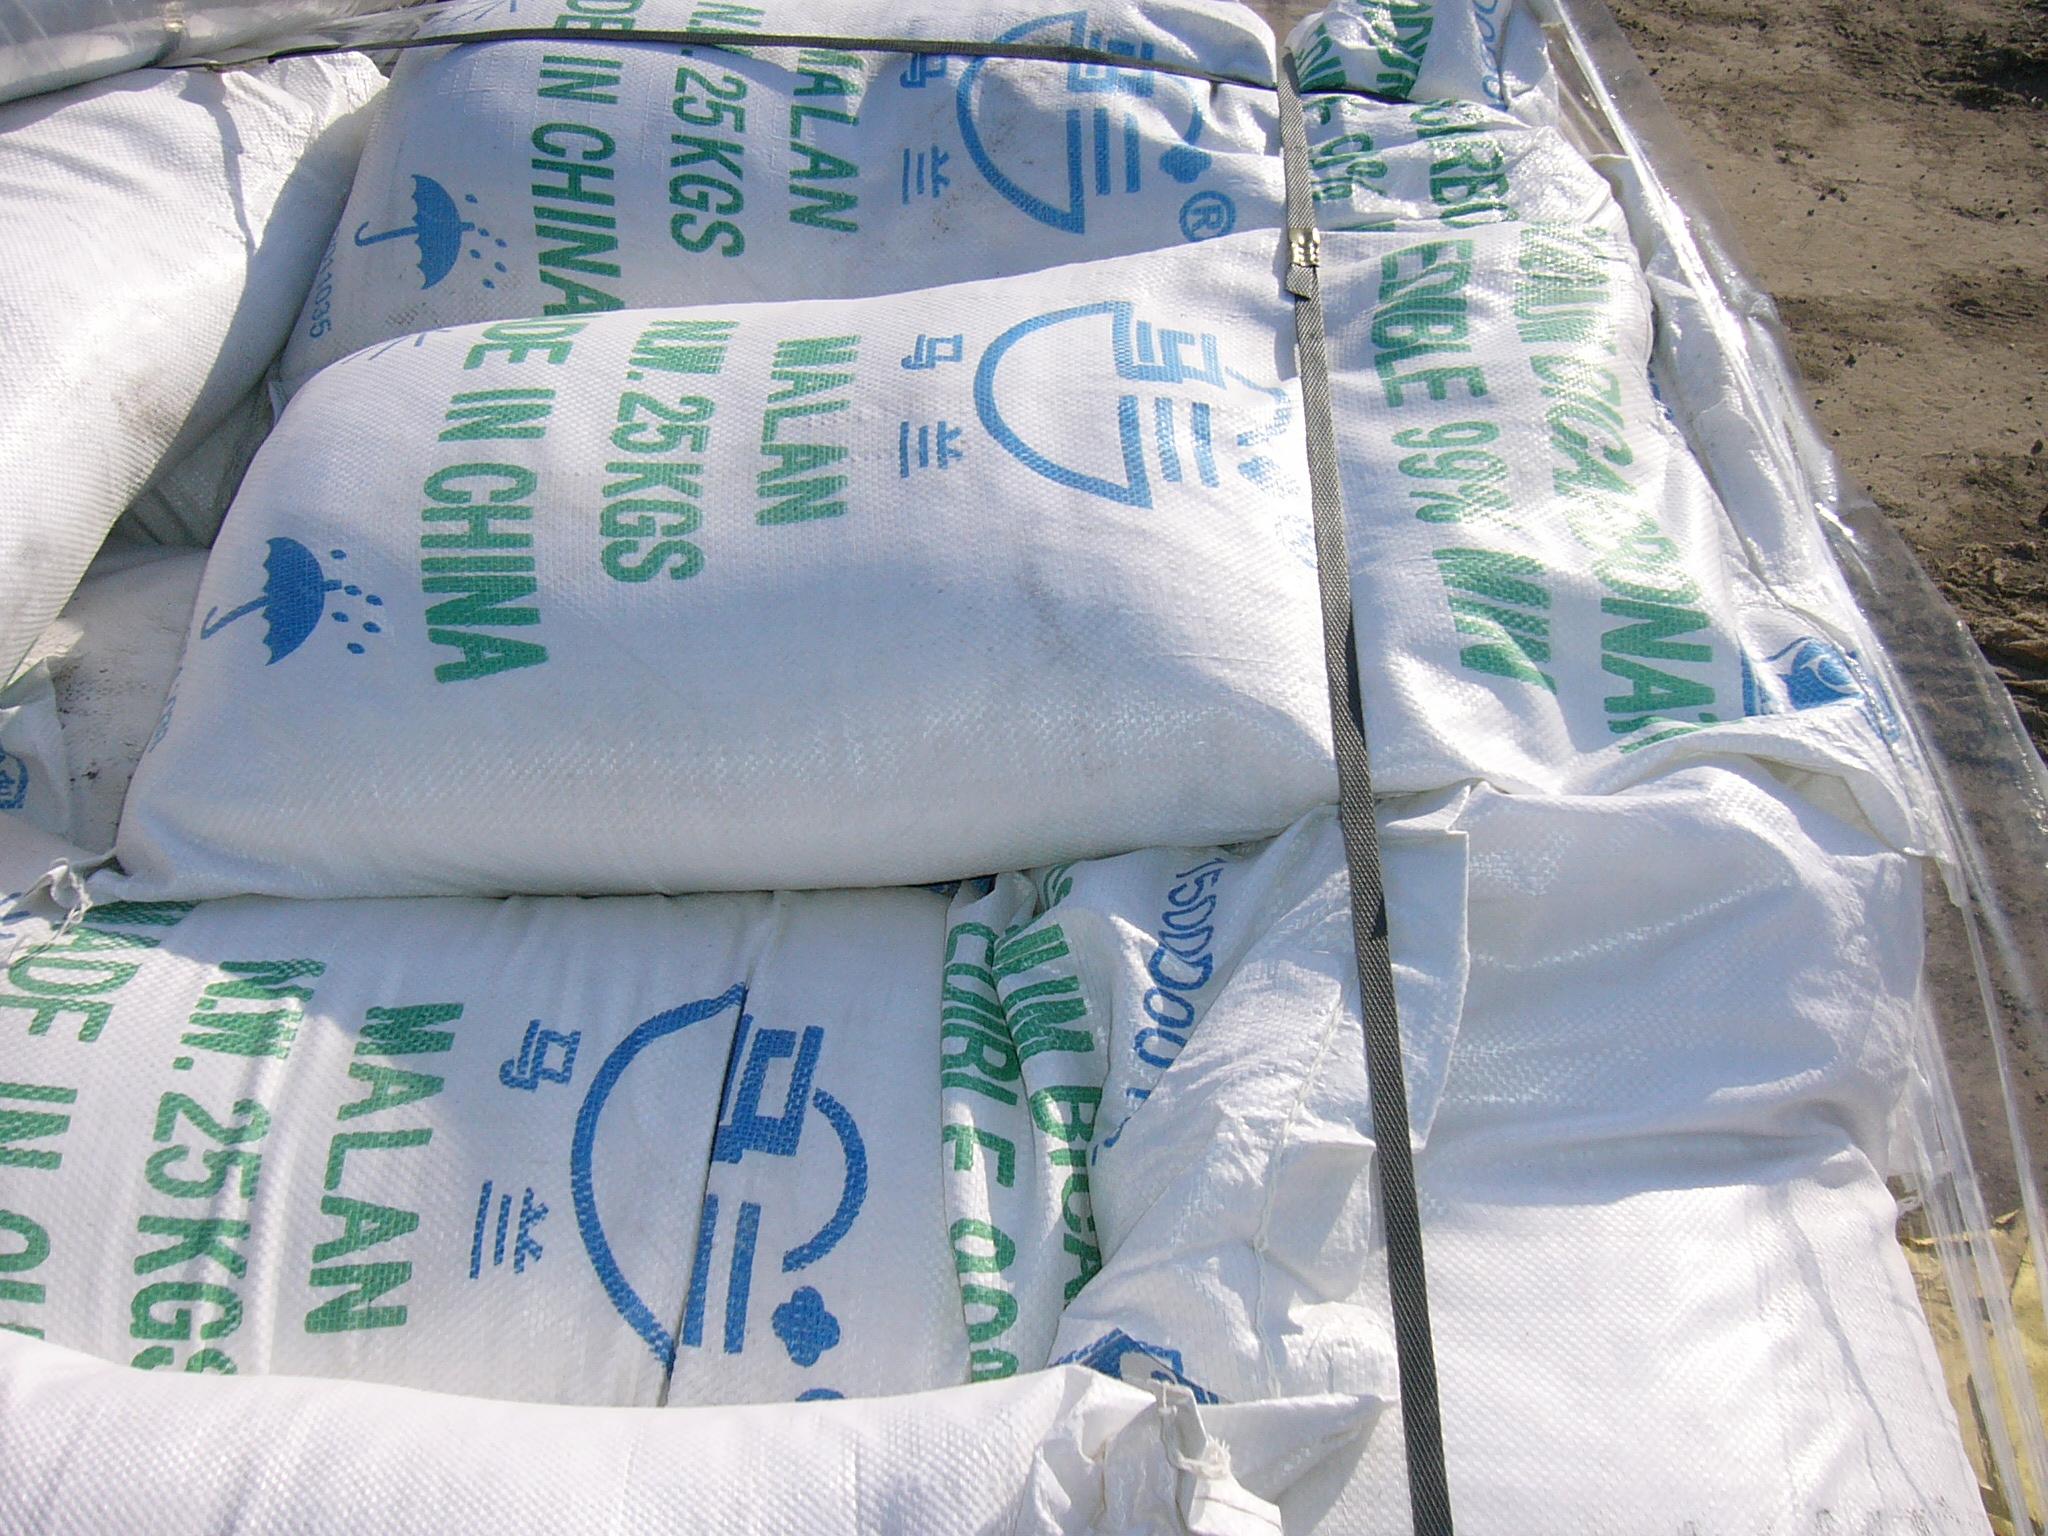 小苏打溶液哪里买_碳酸氢钠(小苏打)_内蒙古博源国际贸易有限责任公司